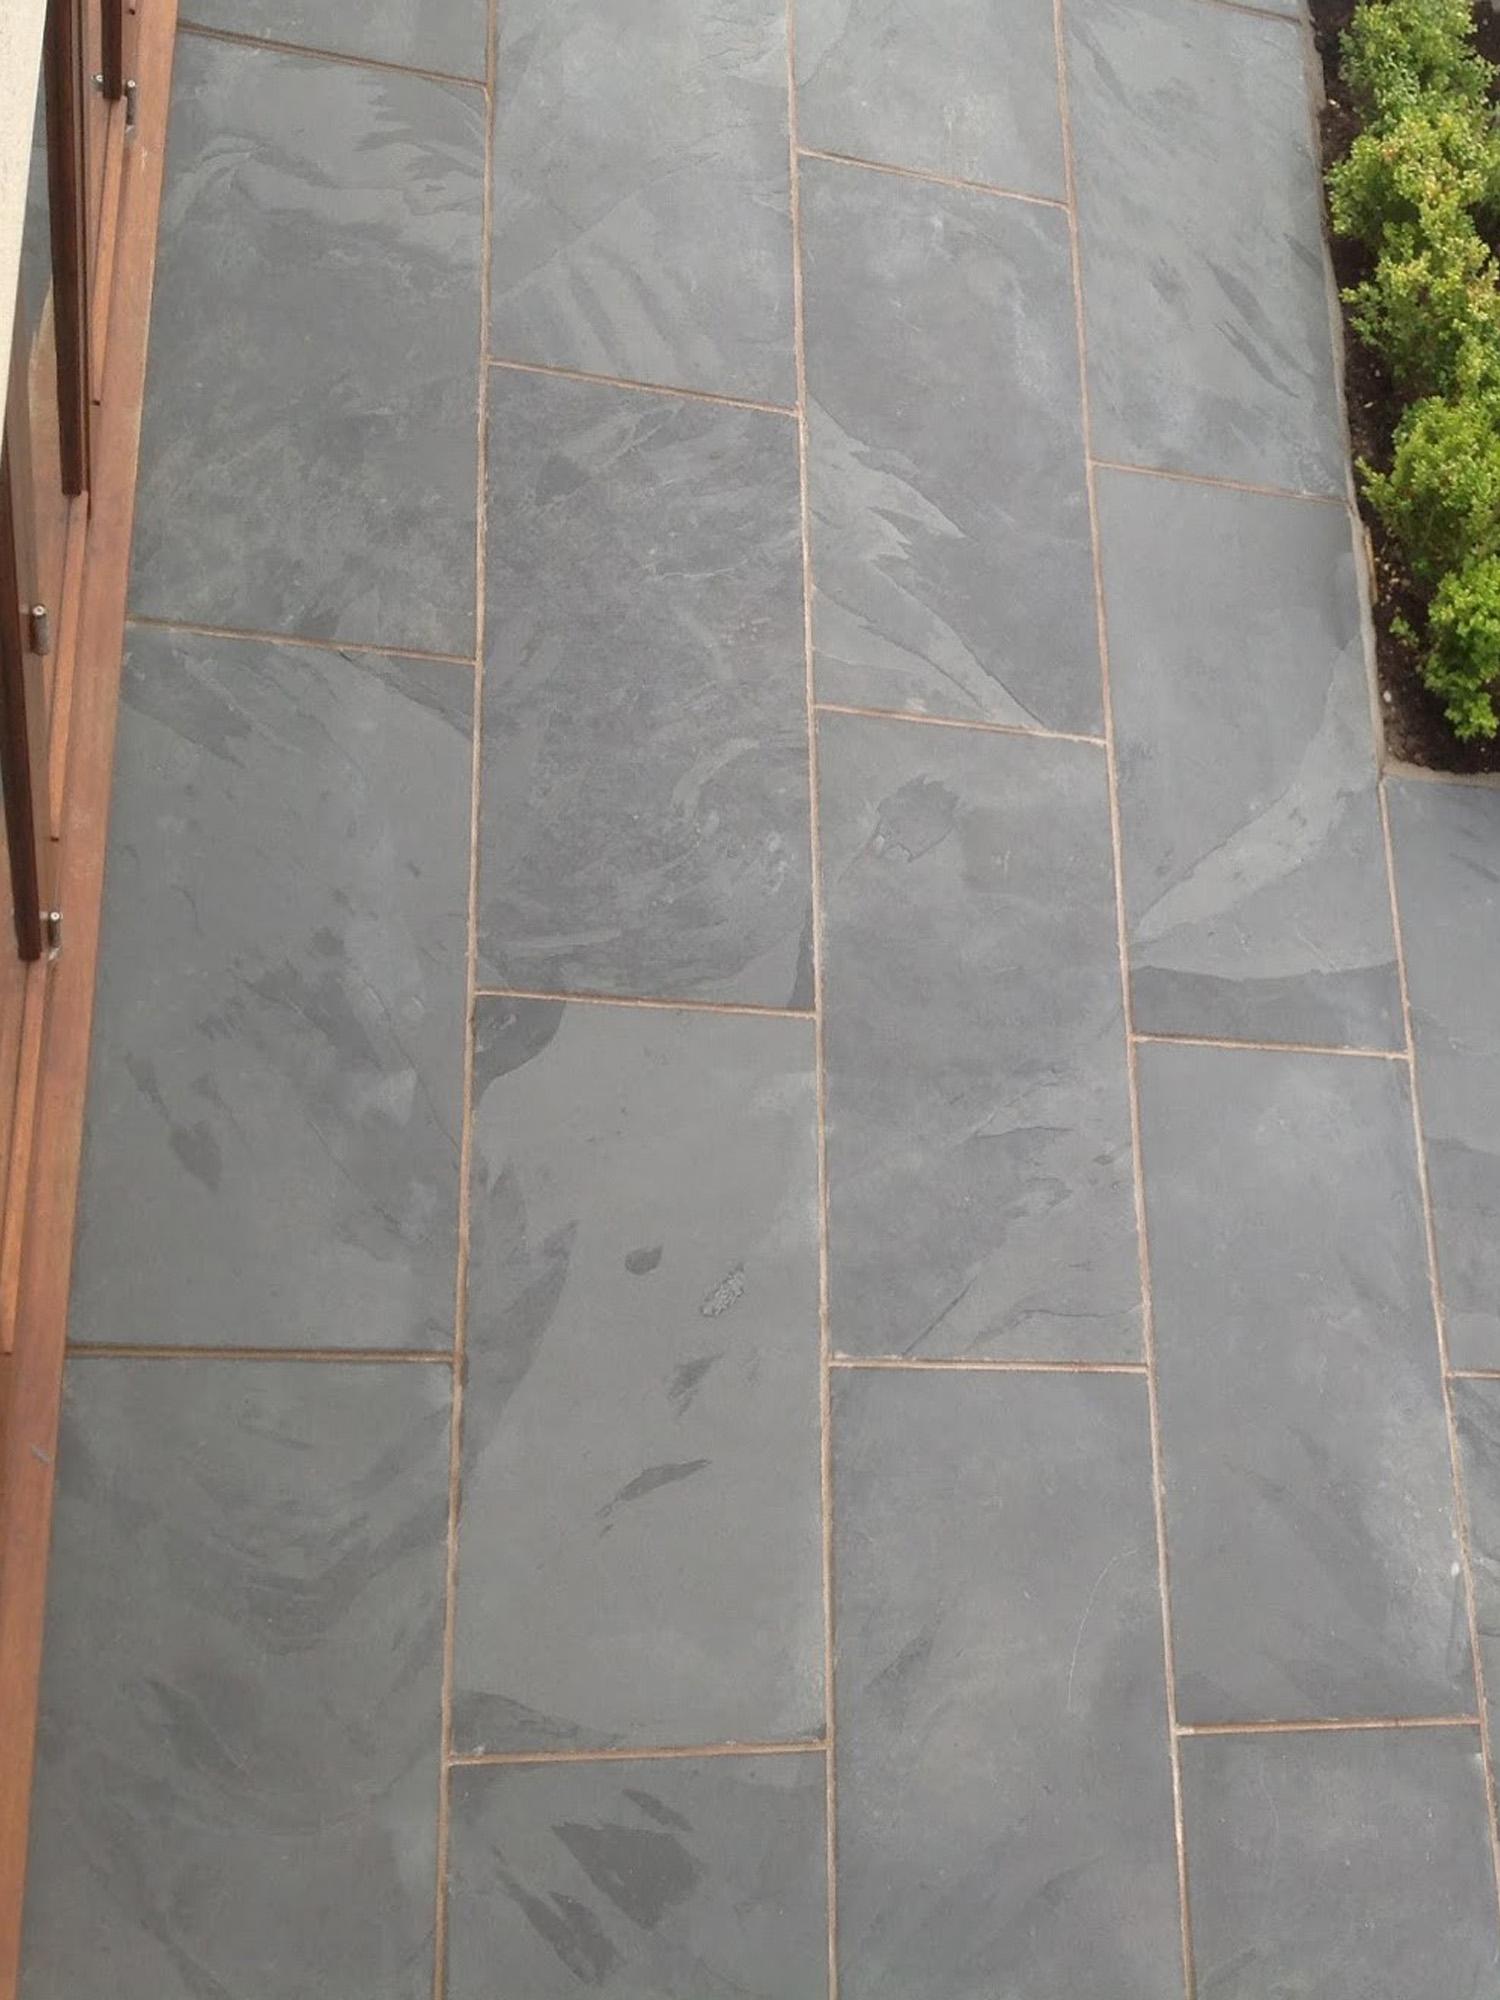 Black Slate Slabs : Brazil black slate paving slabs pack